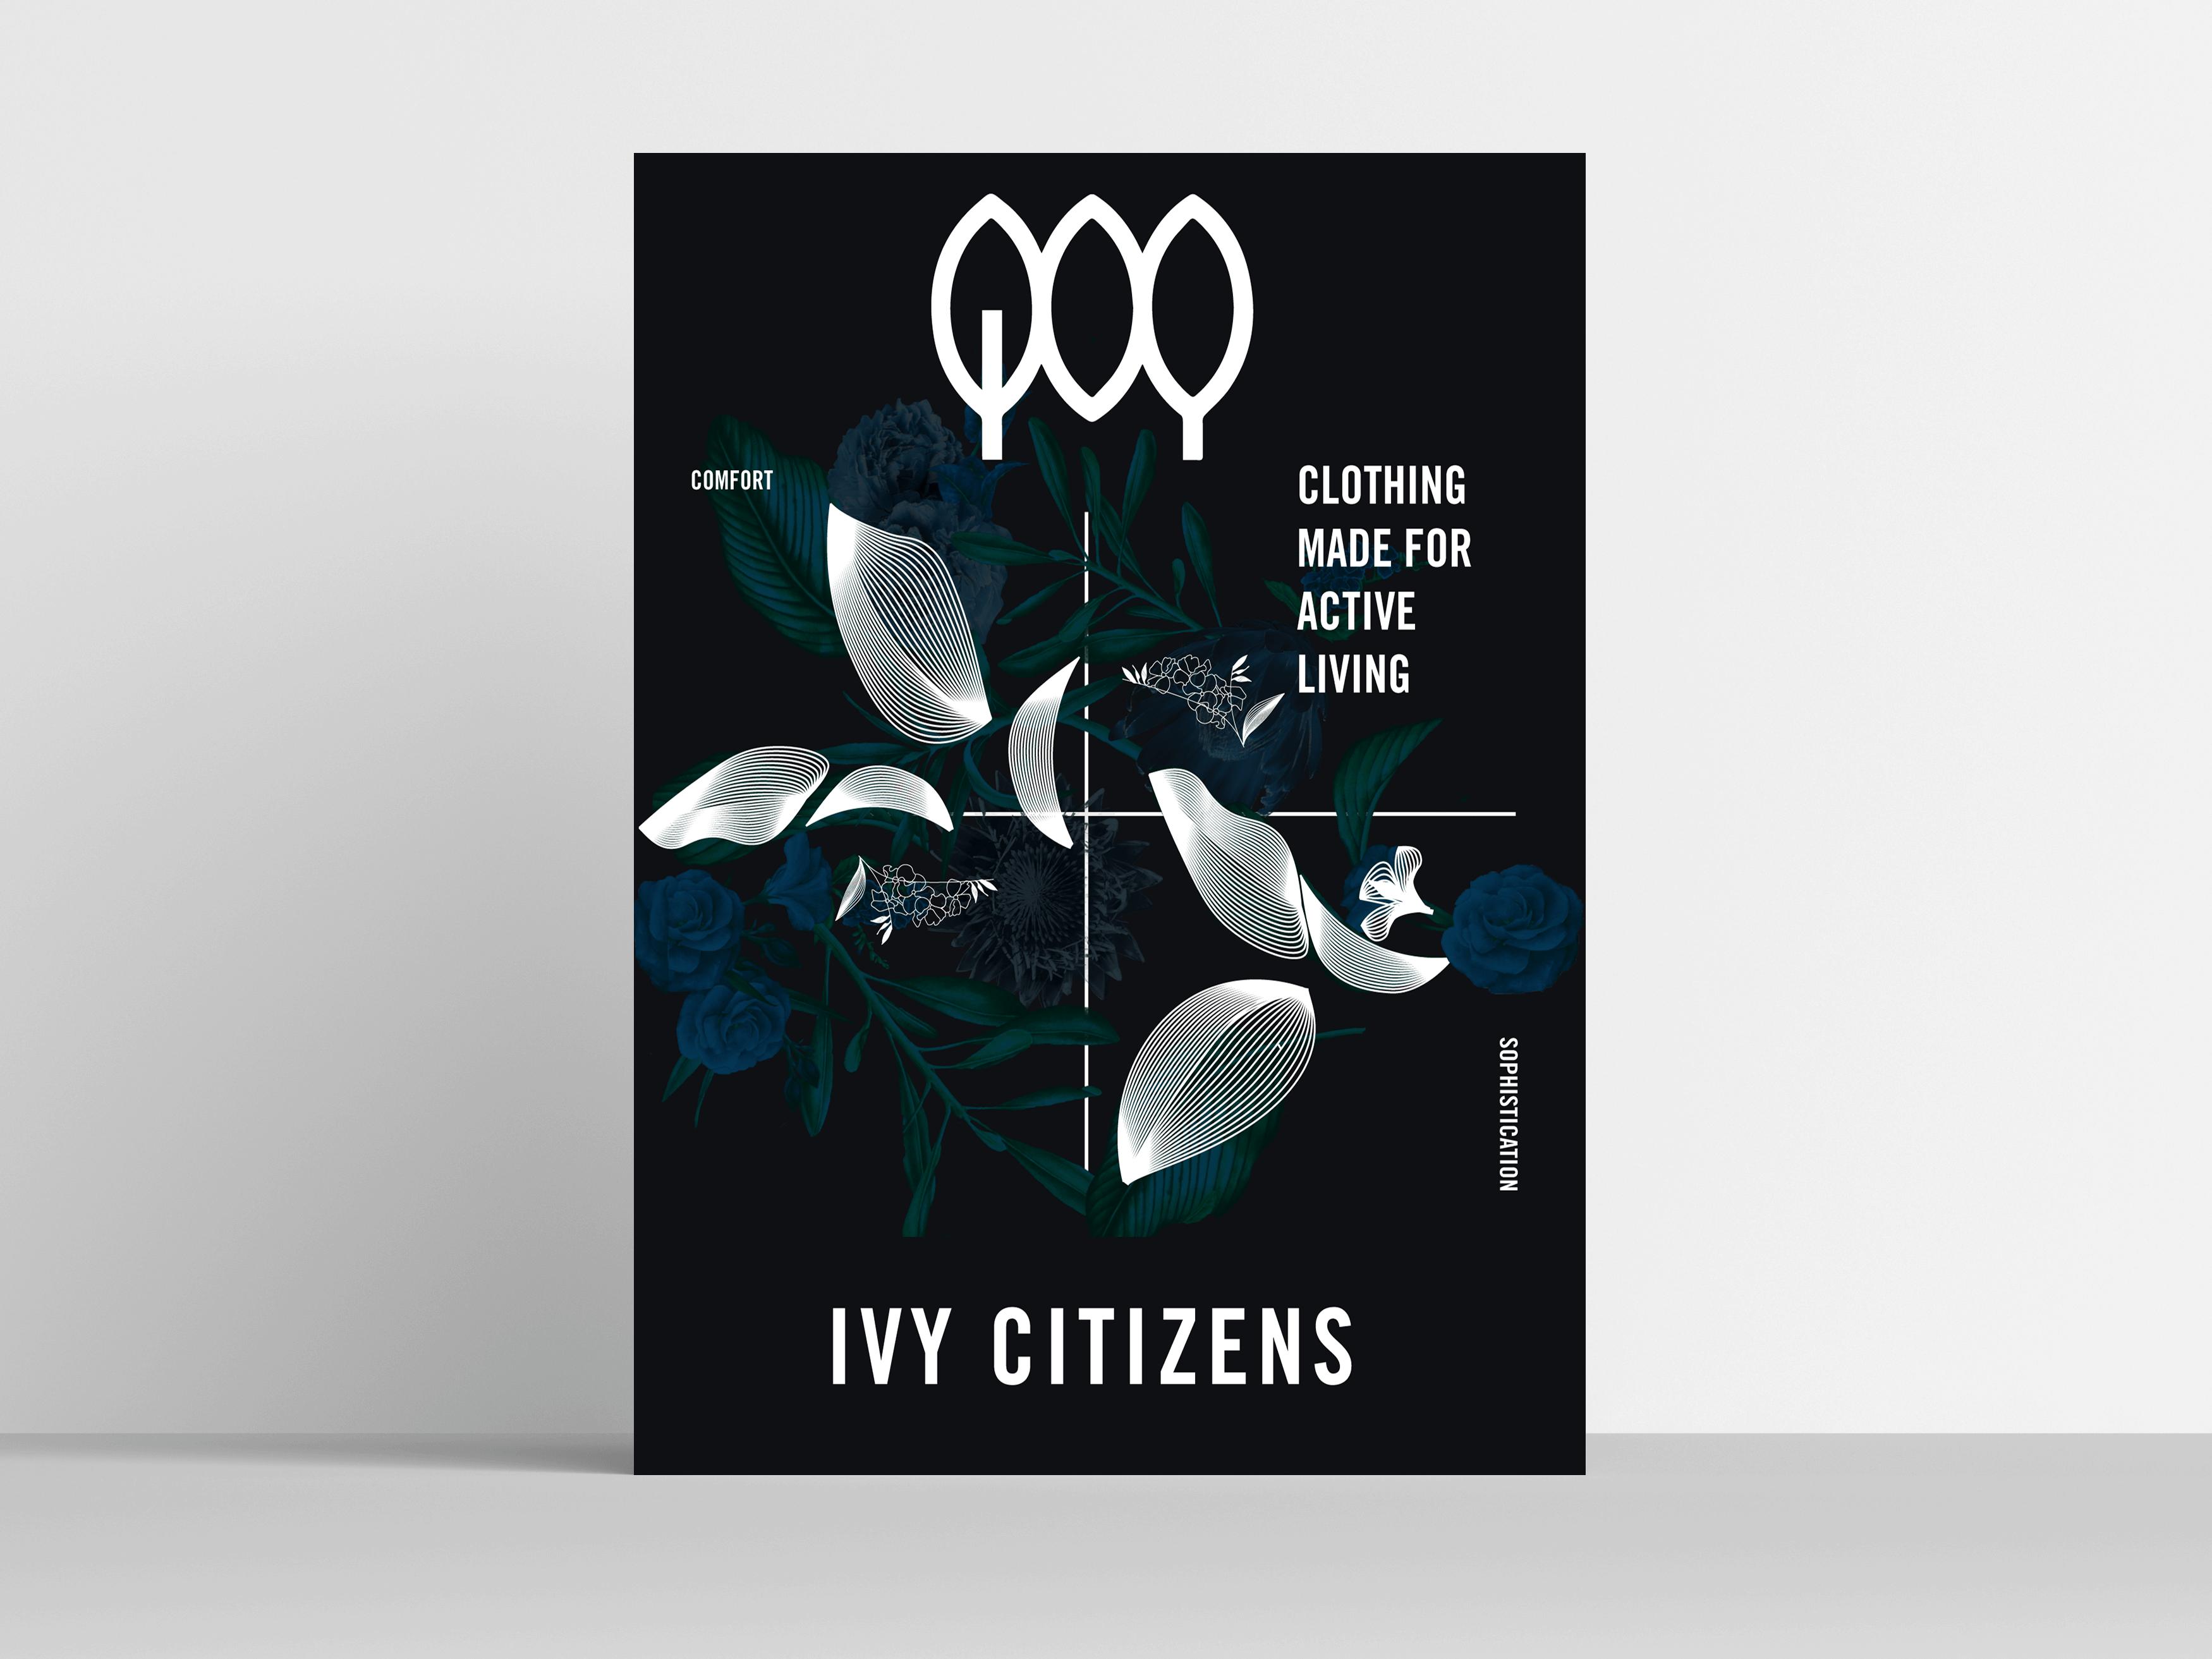 ivy citizens blue poster design framed